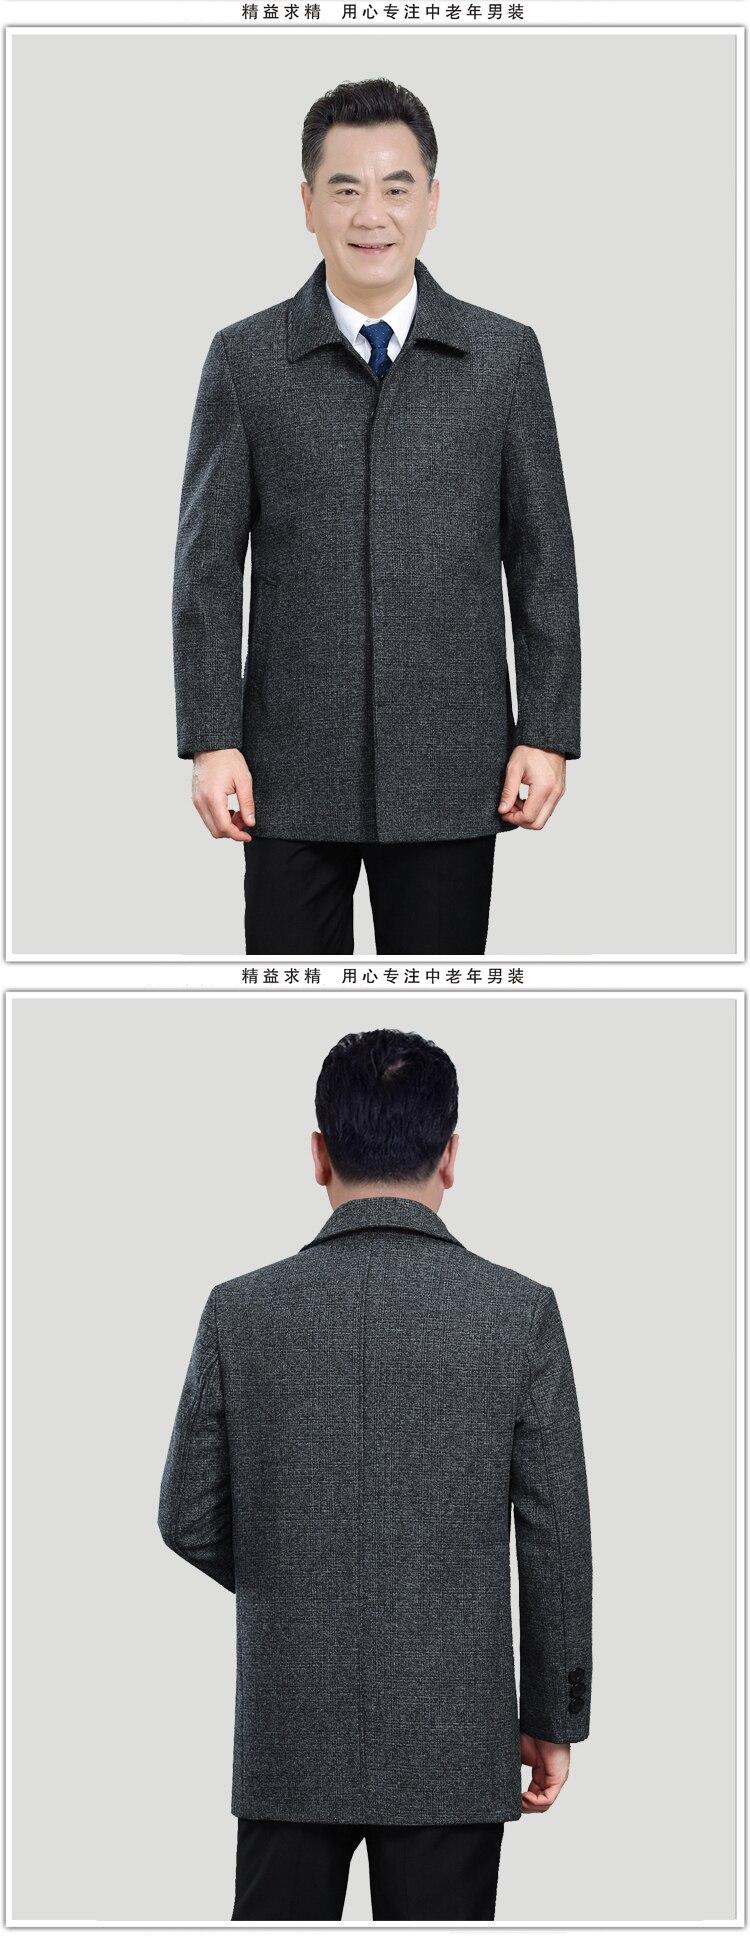 WAEOLSA Mature Men Elegant Jackets Woollen Blends Basic Coat Dark Gray Jackets Aged Man Wool Outerwear Winter Autumn Outfits Father (5)